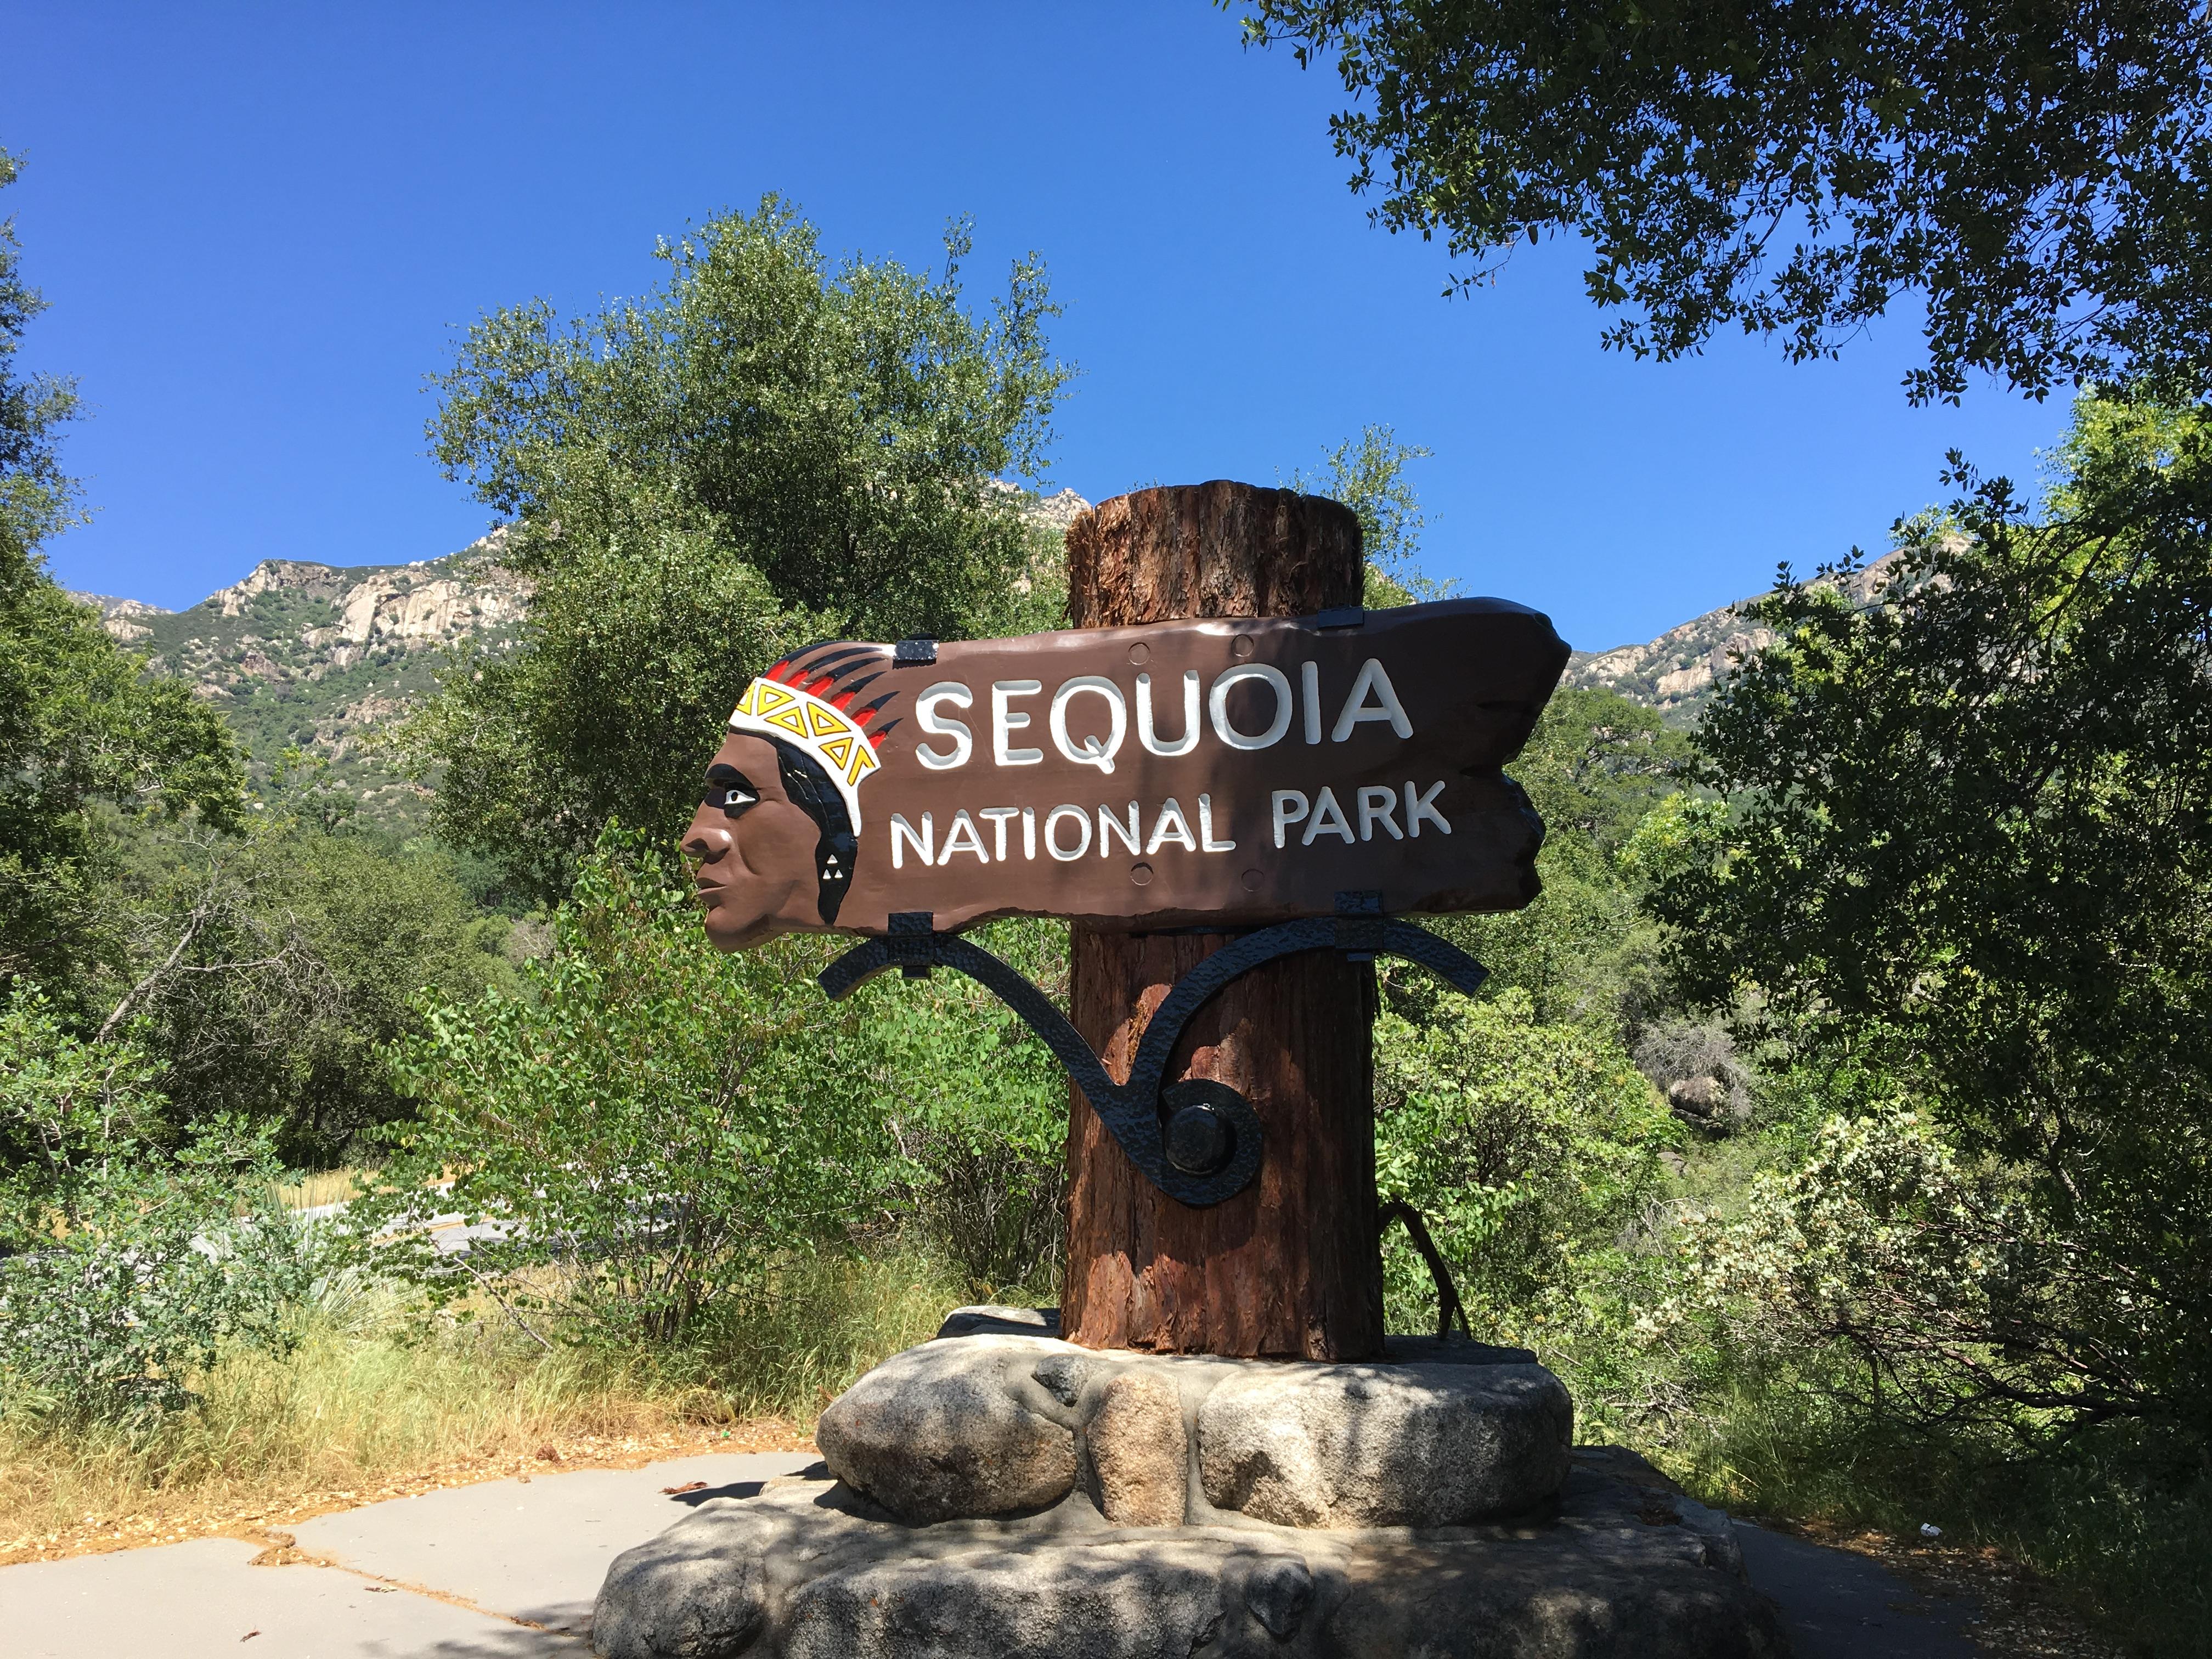 セコイア国立公園&キングスキャニオン国立公園に行く前に知っておきたい事